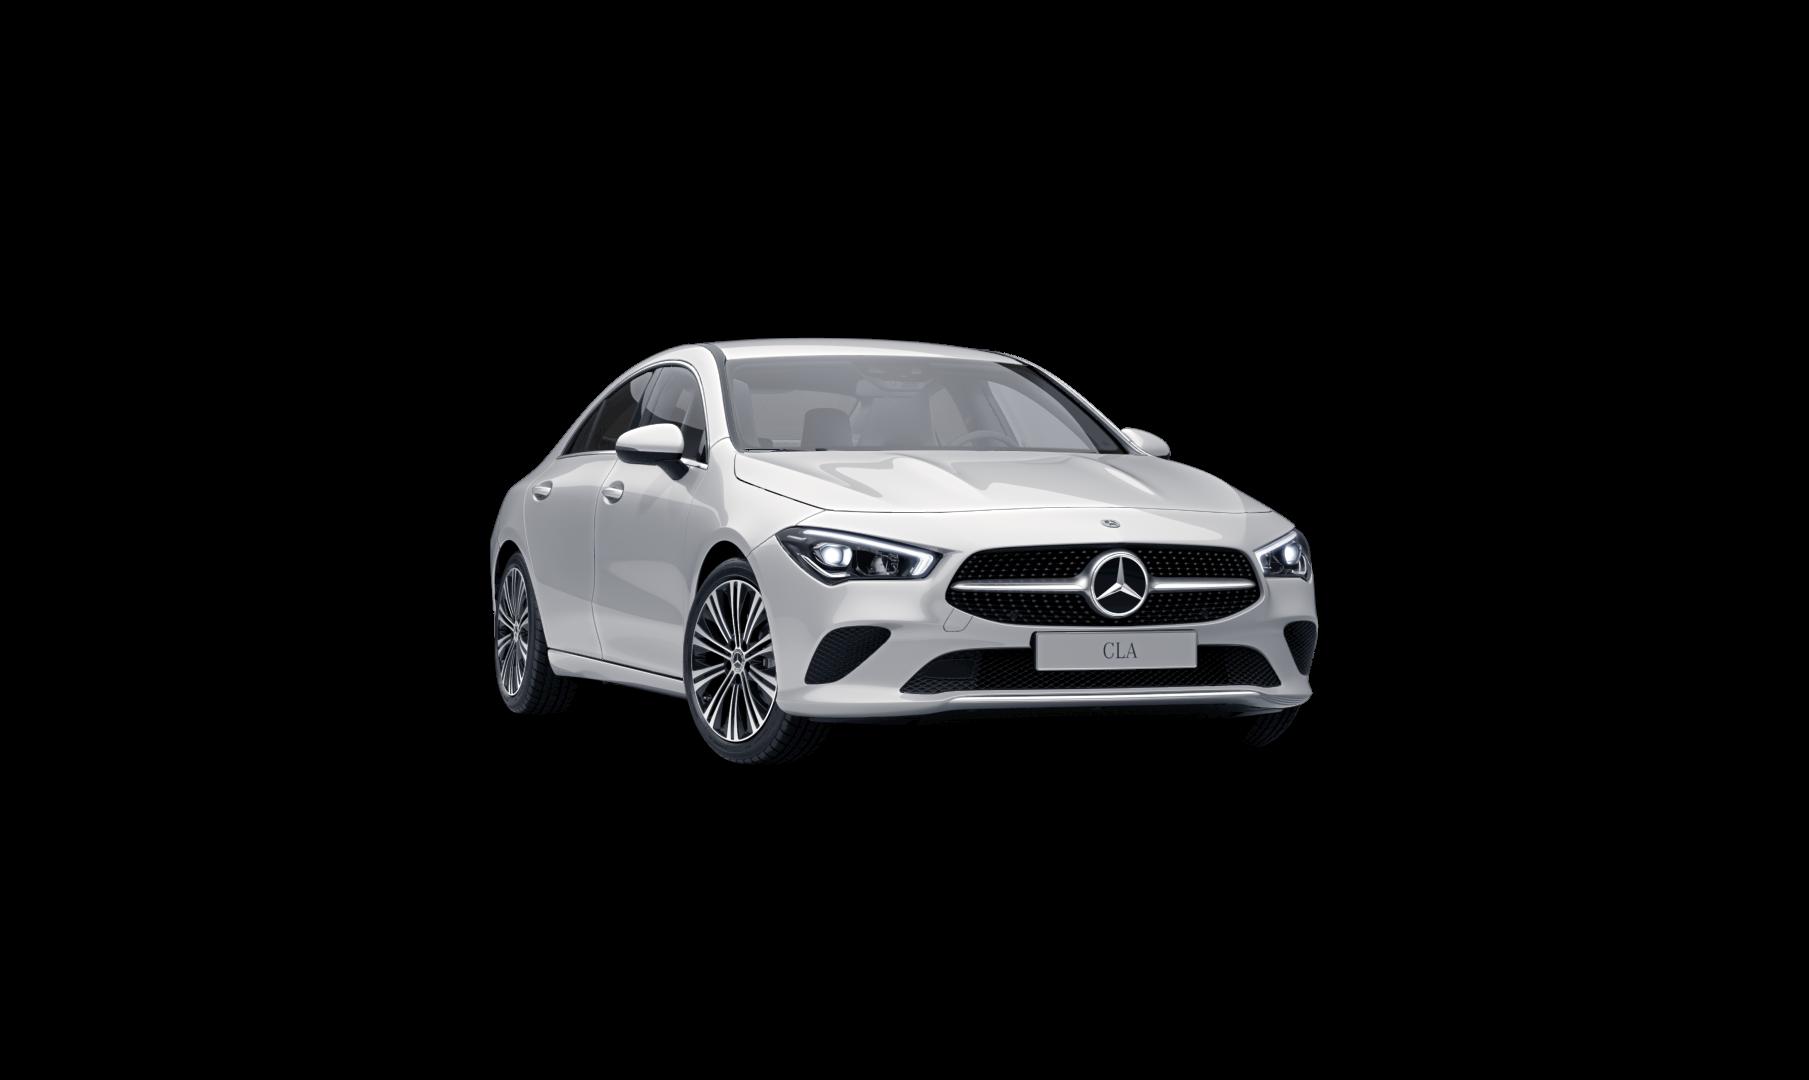 Mercedes Benz CLA Finition Style, Vue de trois quarts de profil de l'avant à l'arrêt